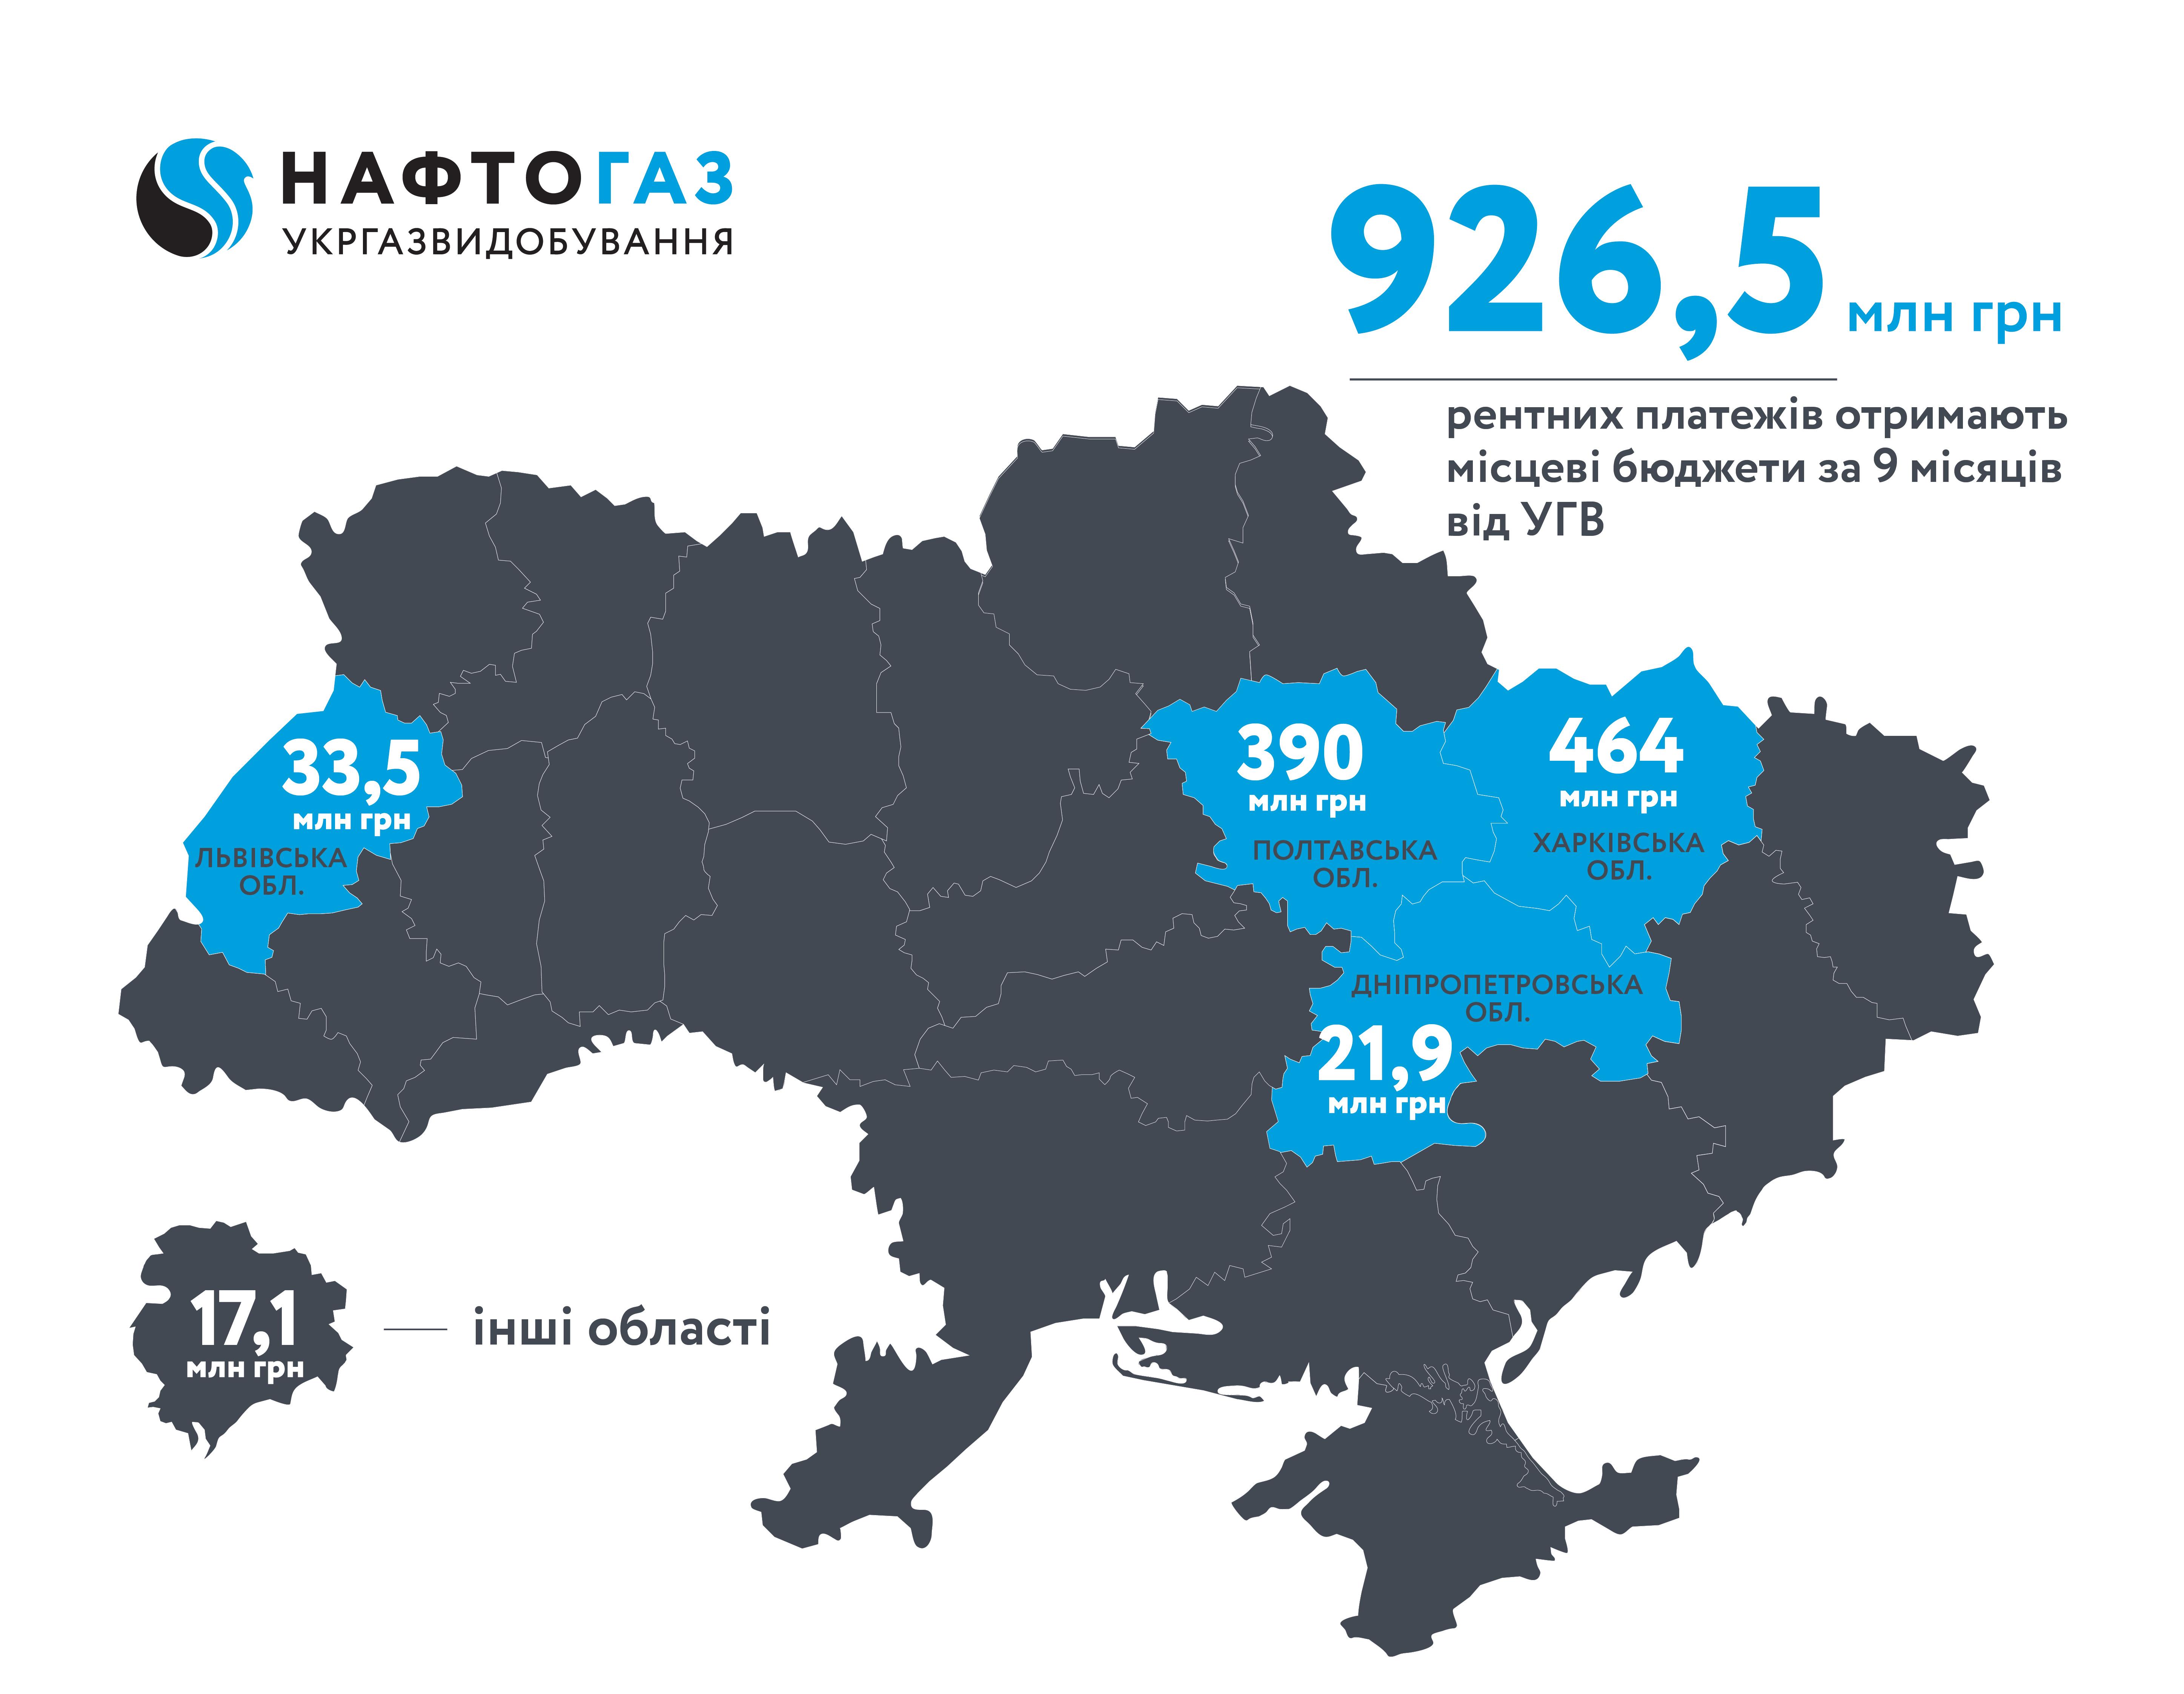 Укргазвидобування за 9 місяців 2019 року спрямувало до місцевих бюджетів понад 926 млн грн рентних платежів